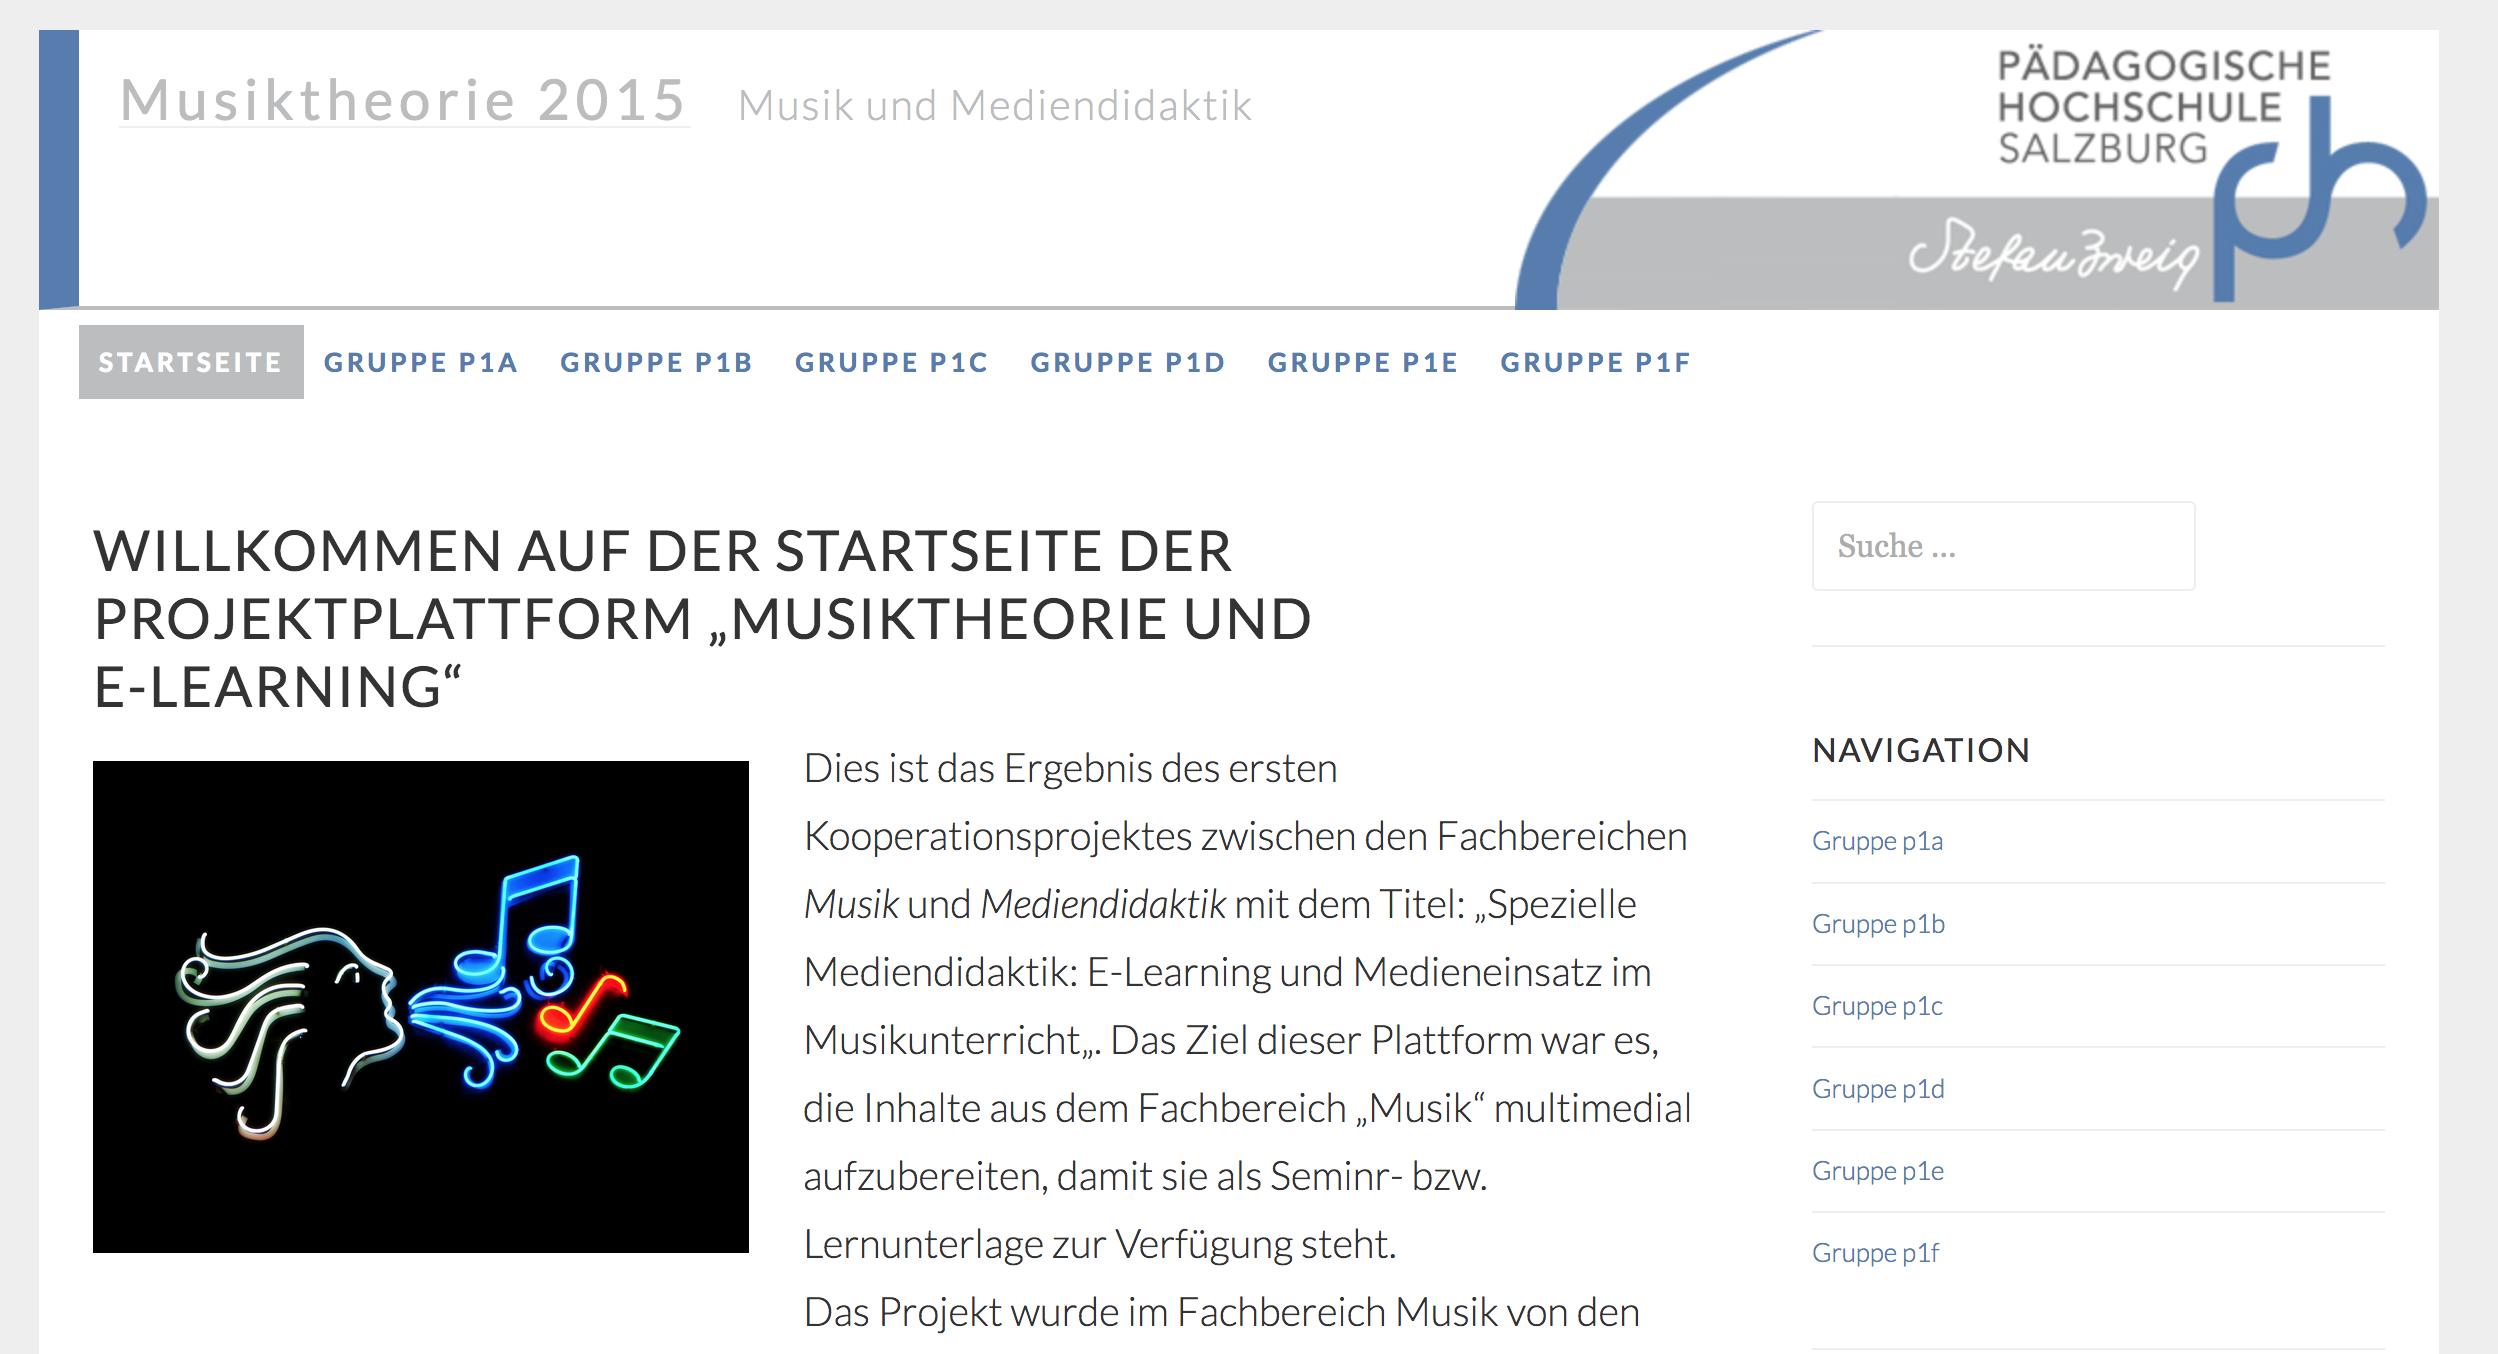 Musiktheorie 2015